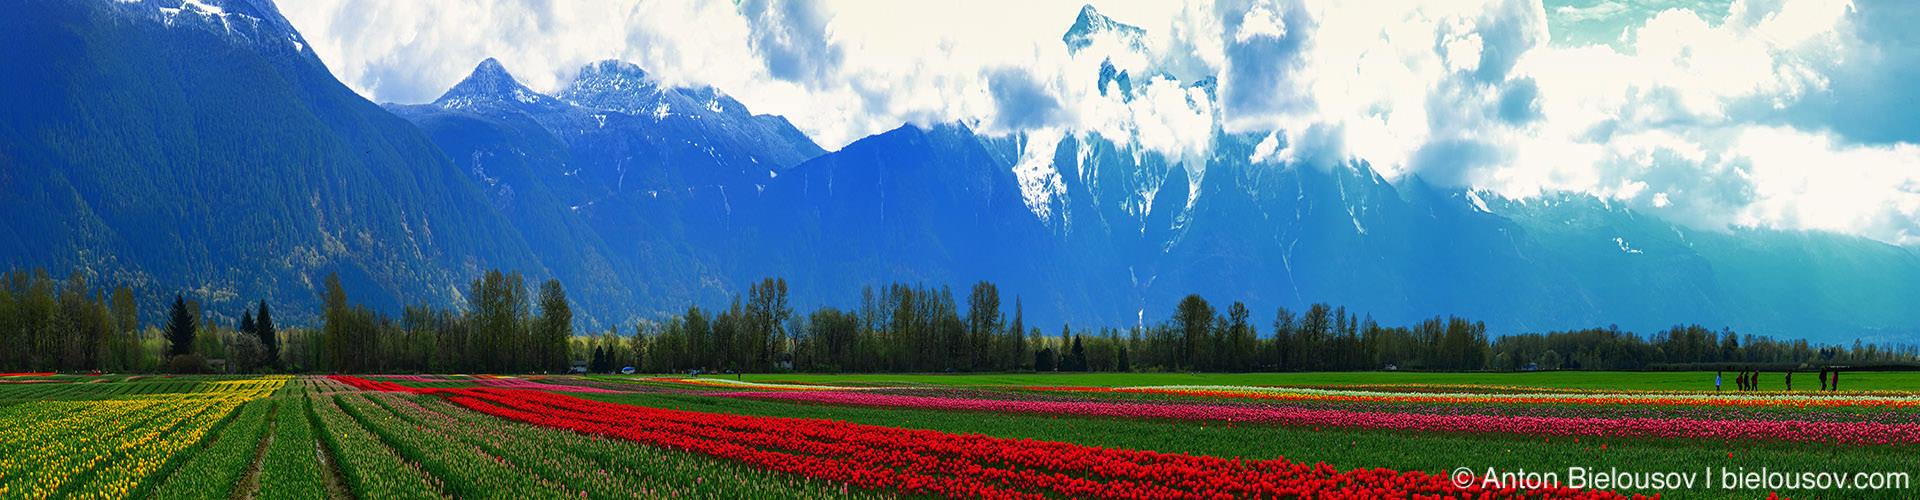 Панорама тюльпановых полей и горы Mt. Cheam в Агассизе (Agassiz, BC)